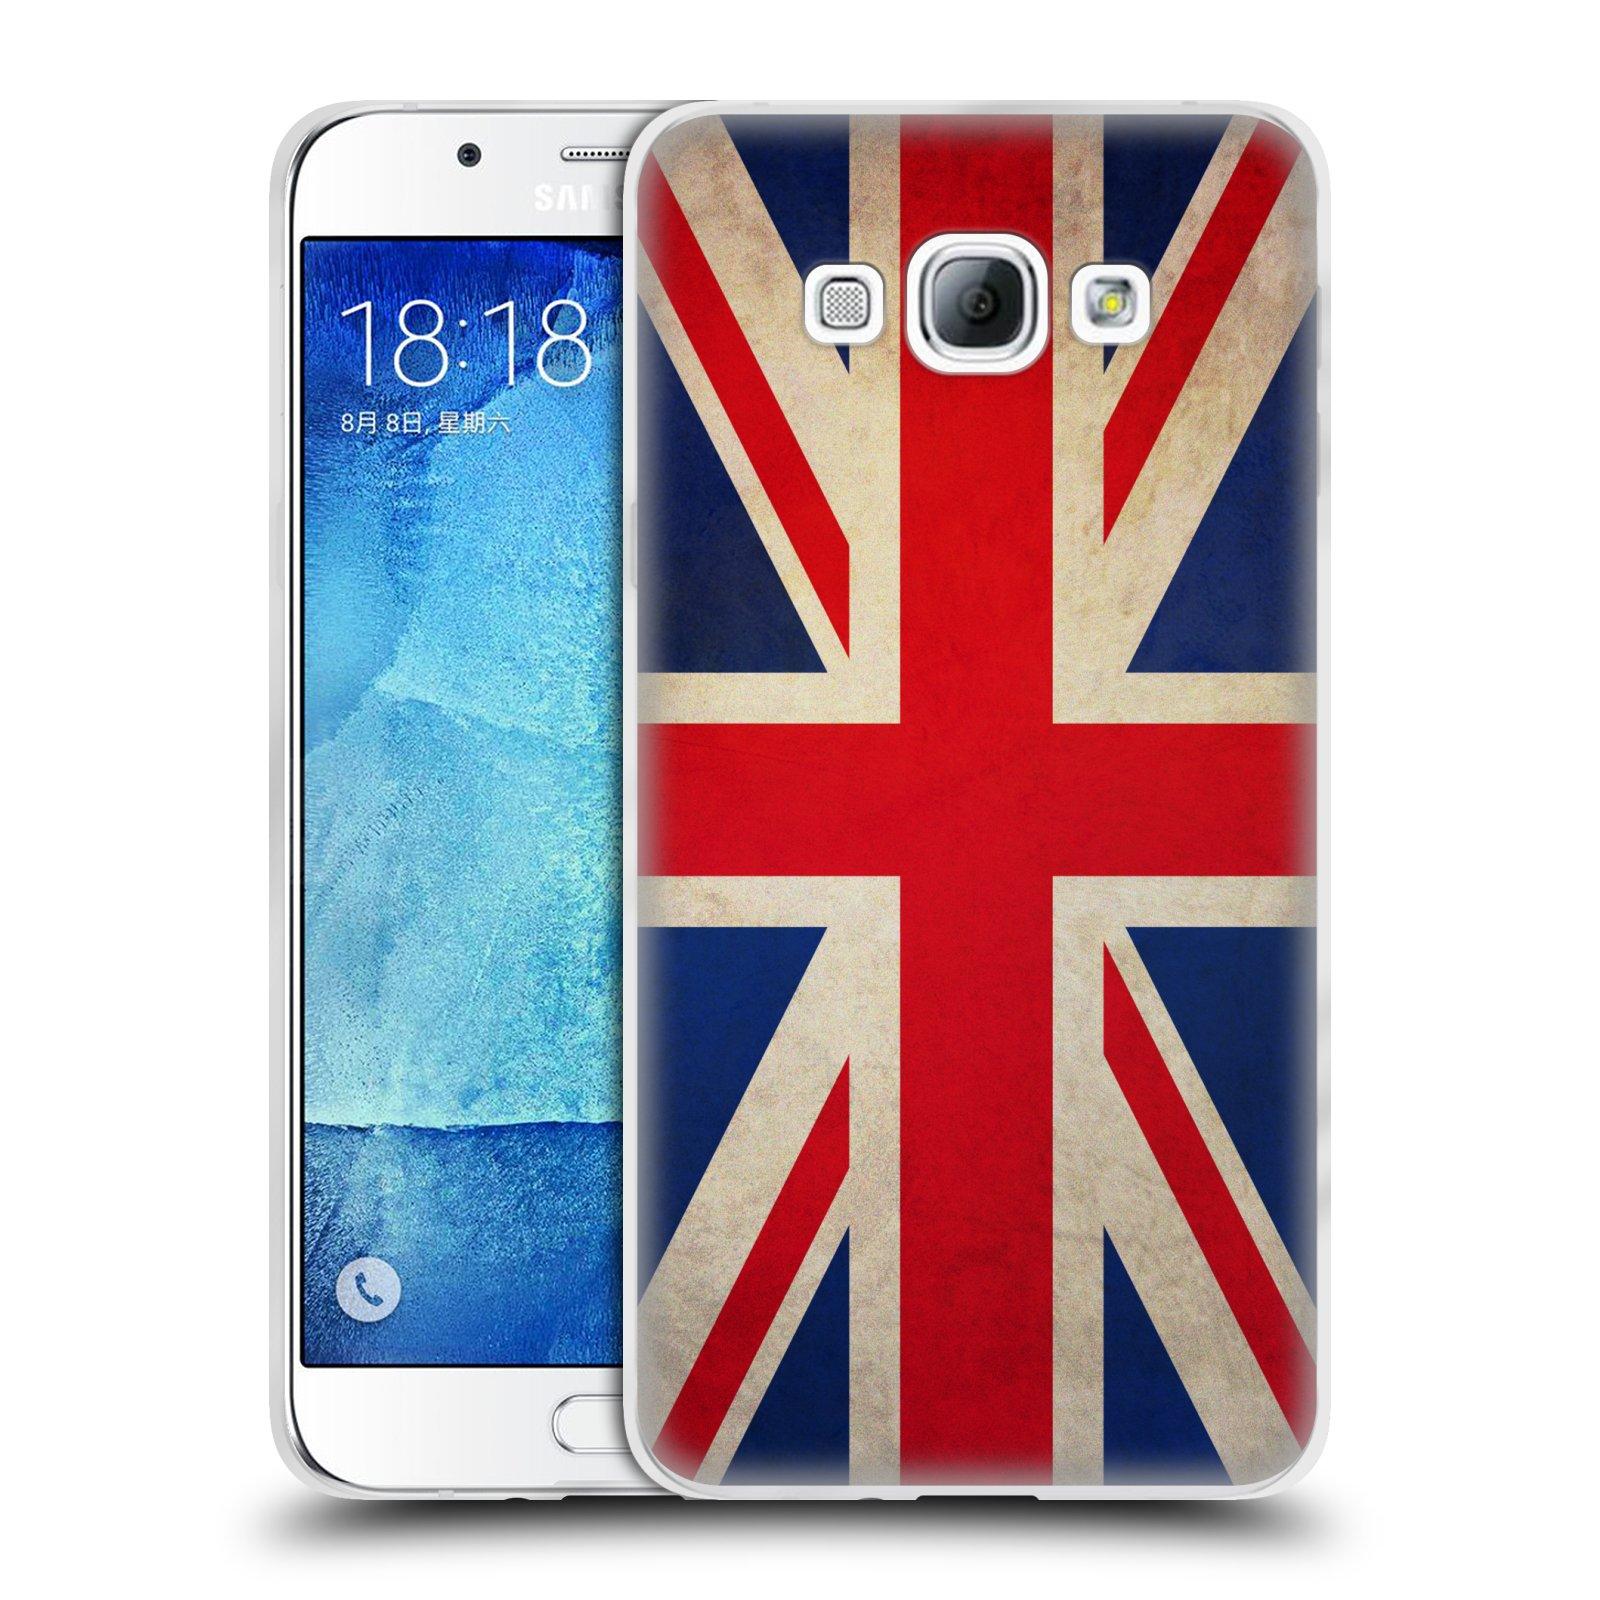 HEAD CASE silikonový obal na mobil Samsung Galaxy A8 vzor VINTAGE VLAJKY VELKÁ BRITÁNIE